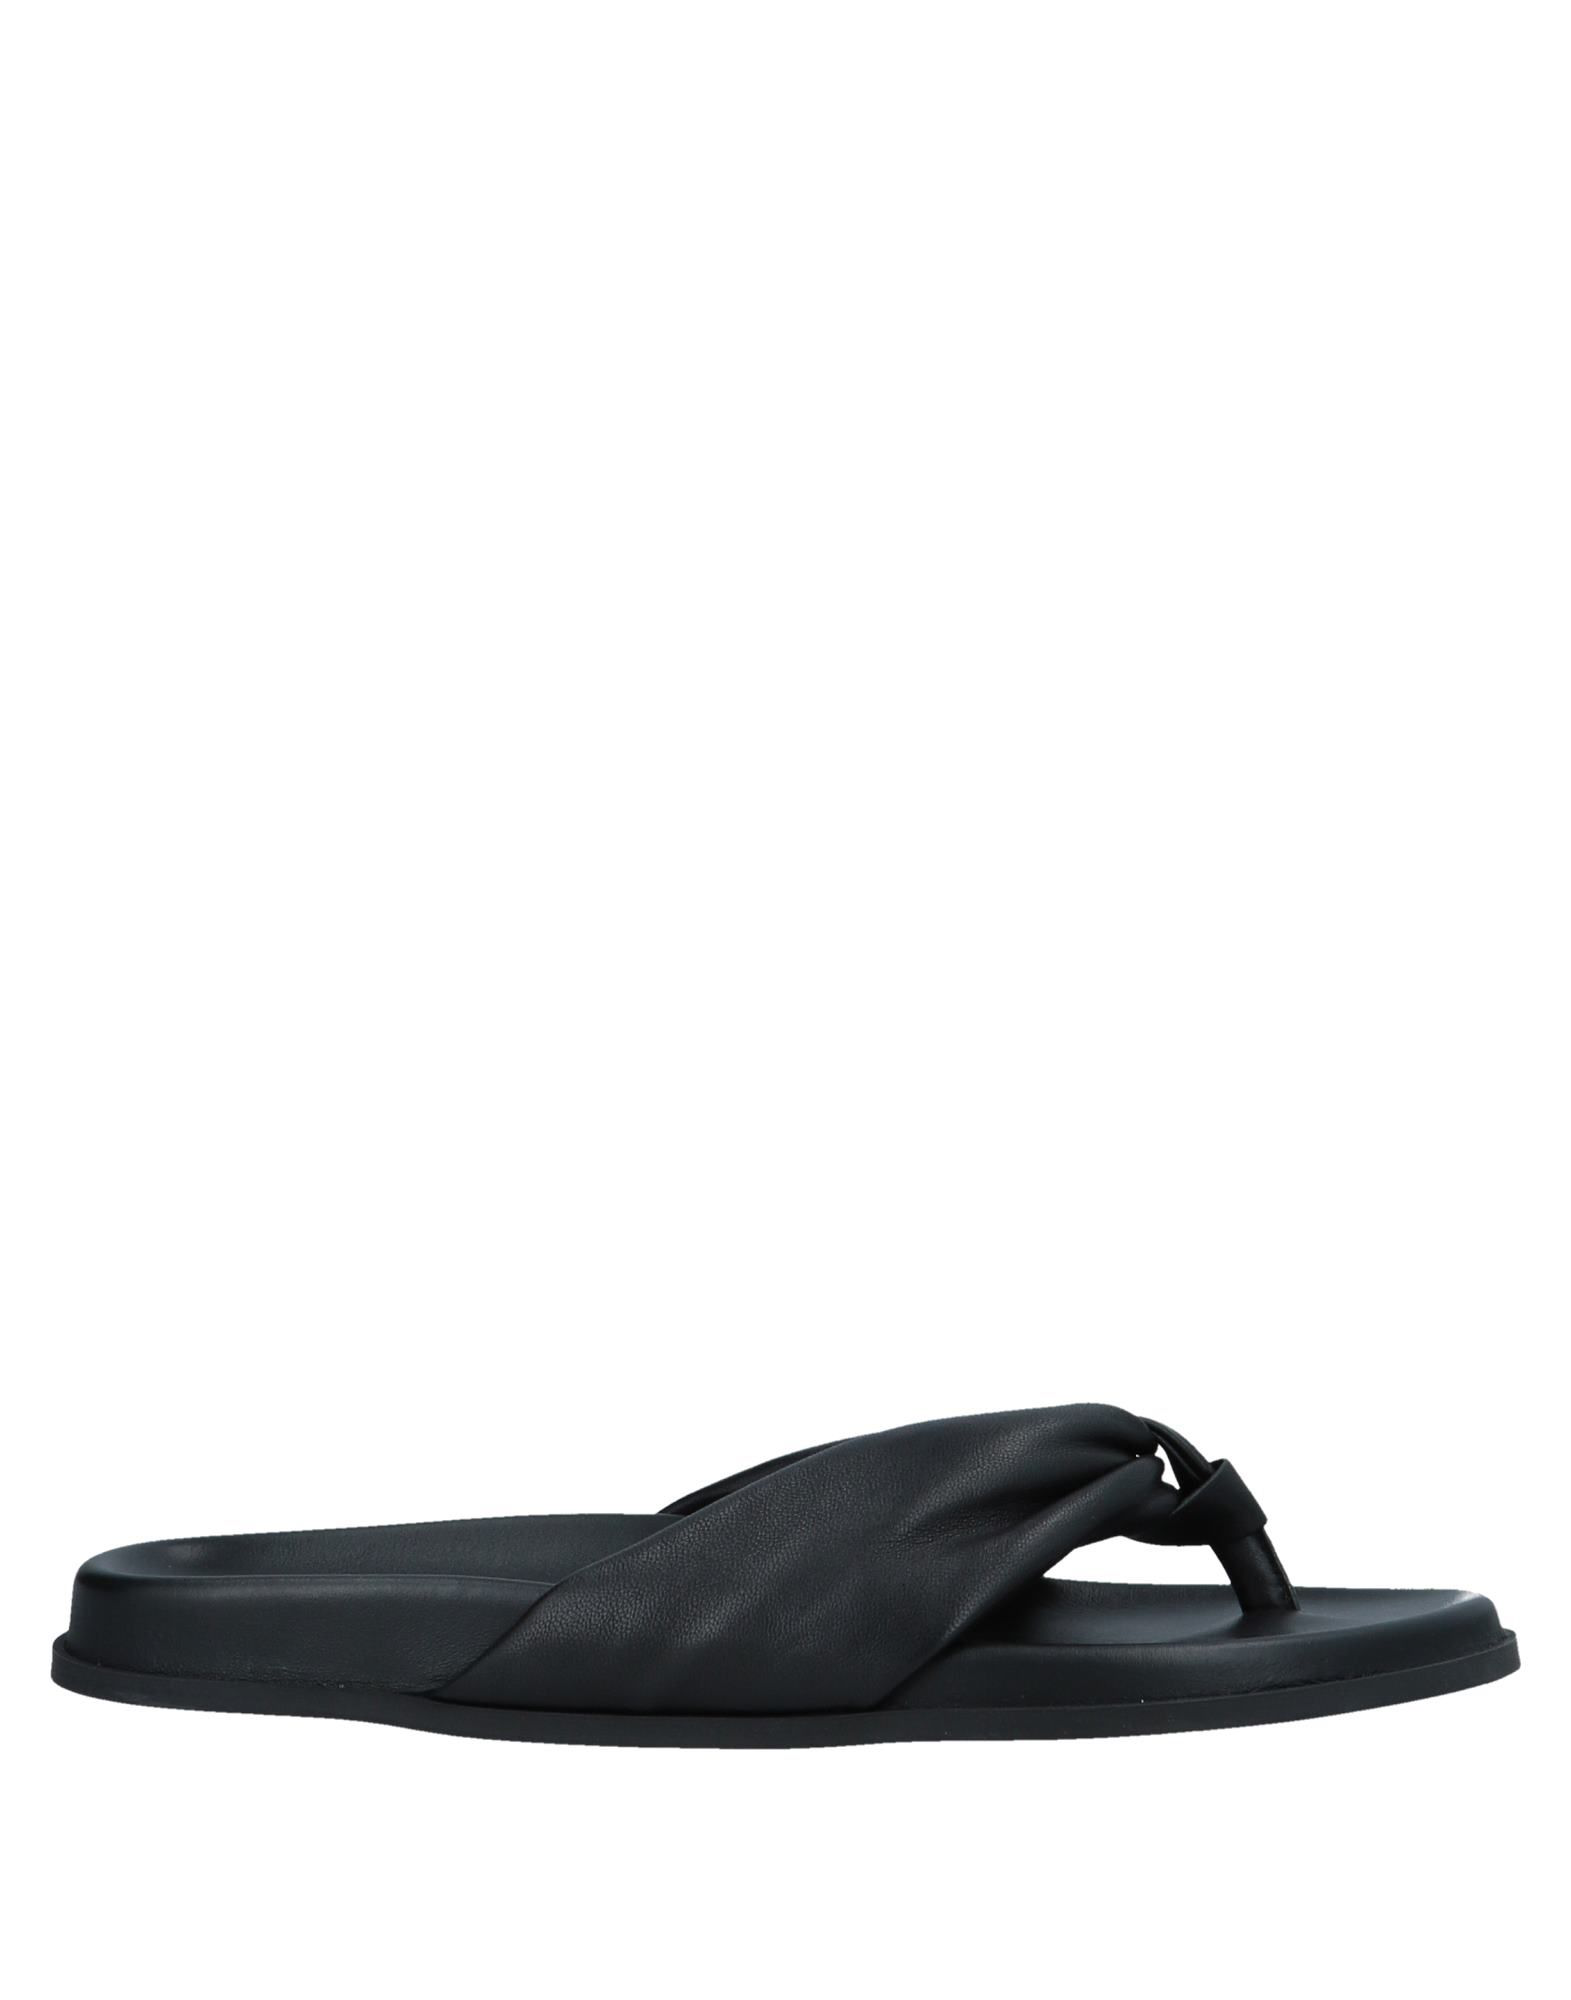 Helmut Lang Flip Flops In Black